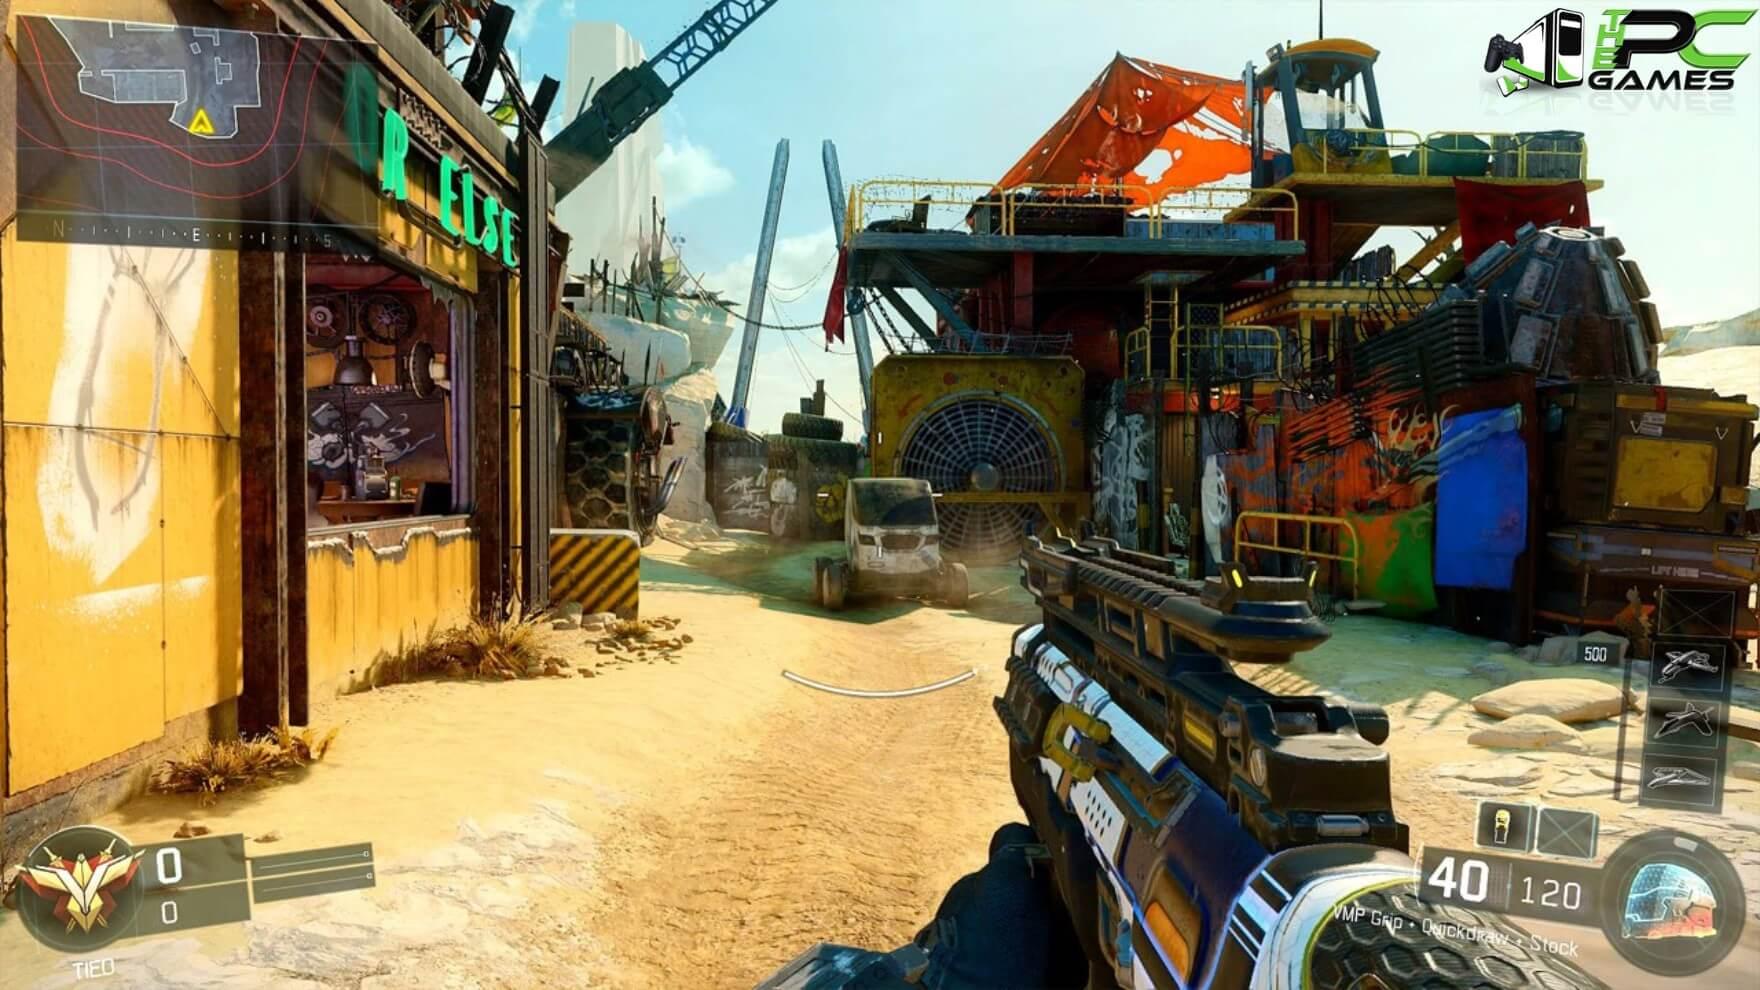 Inspiré par l'armure d'écailles d'un dragon mythique, le pack de personnalisation Dragon de Call of Duty®: Black Ops II comprend un aspect d'arme façon écailles, trois réticules uniques et une nouvelle carte de visite.